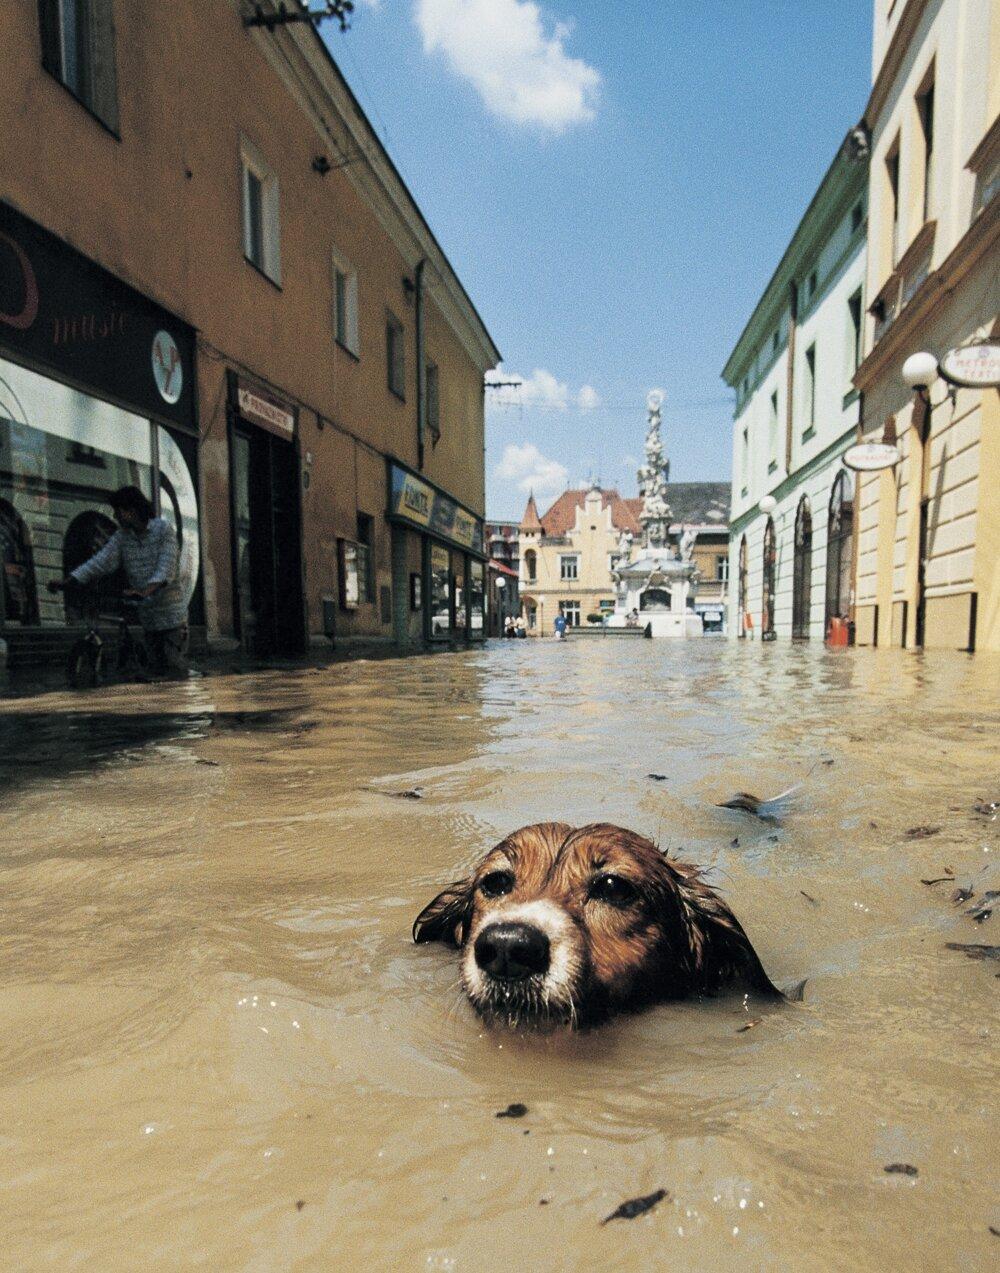 Pes pláva v zatopenej ulici Uherského Hradišťa počas povodňovej katastrofy na Morave 11. 7. 1997.